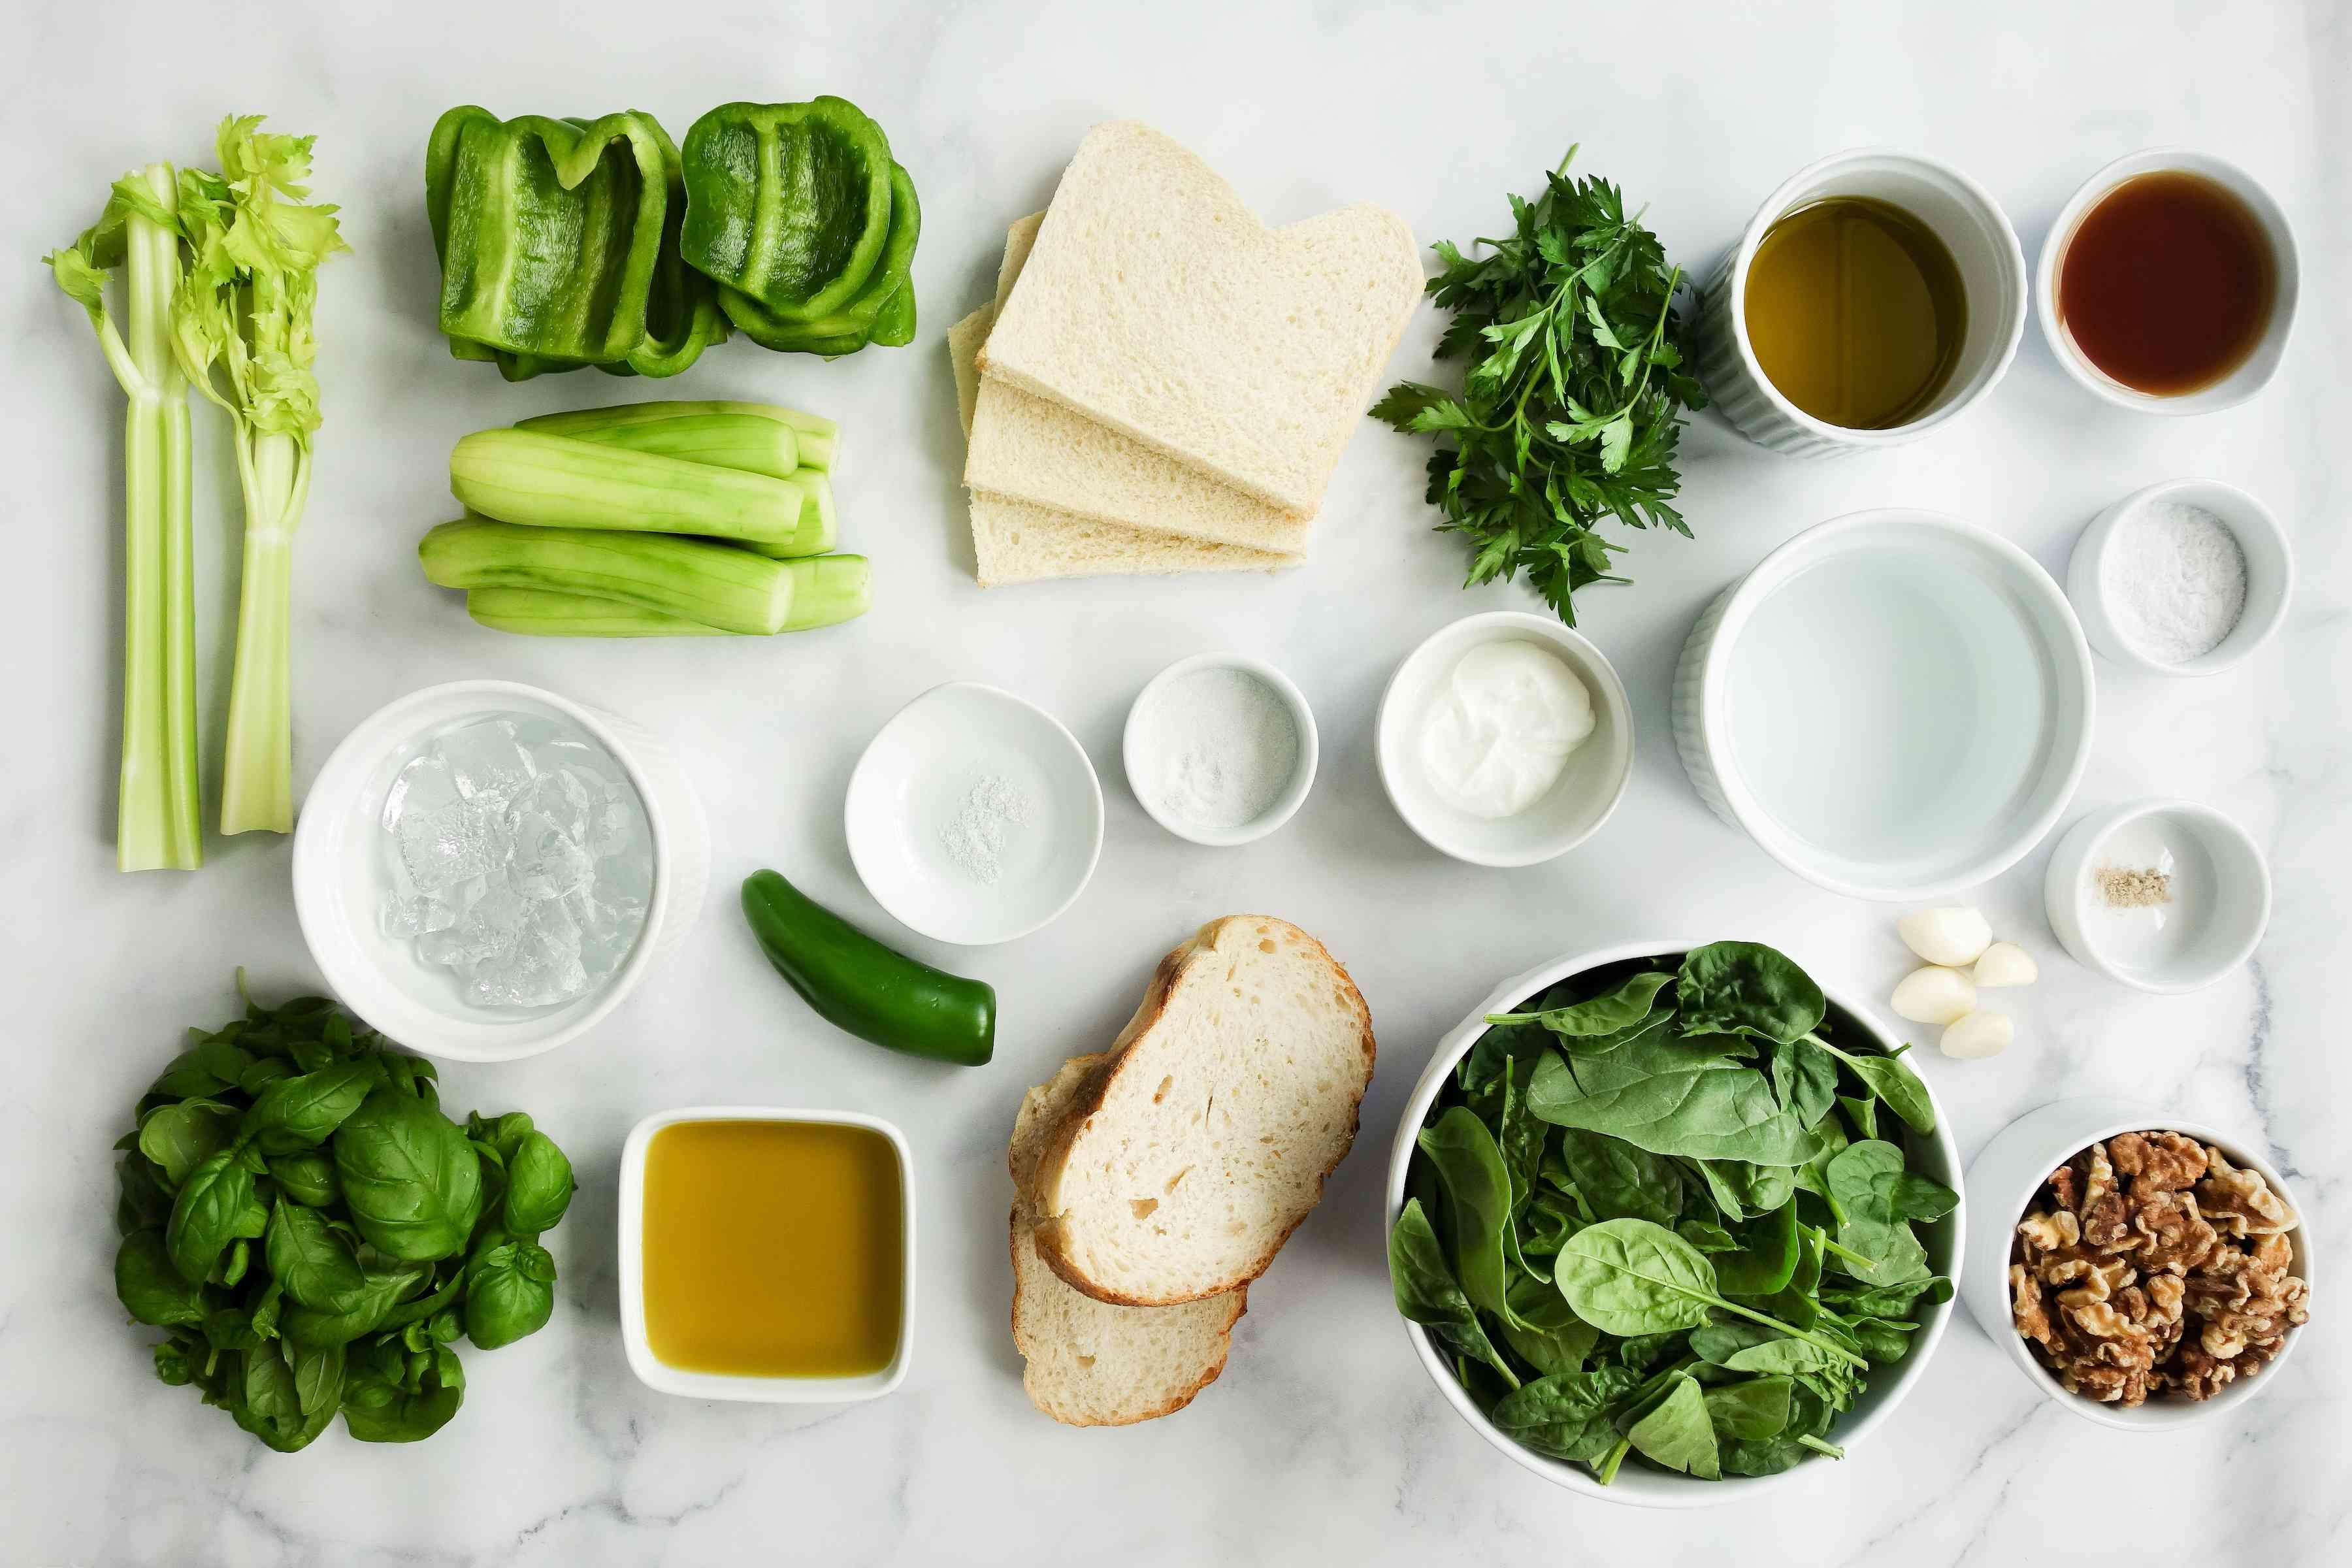 Yotam Ottolenghi's Green Gazpacho ingredients